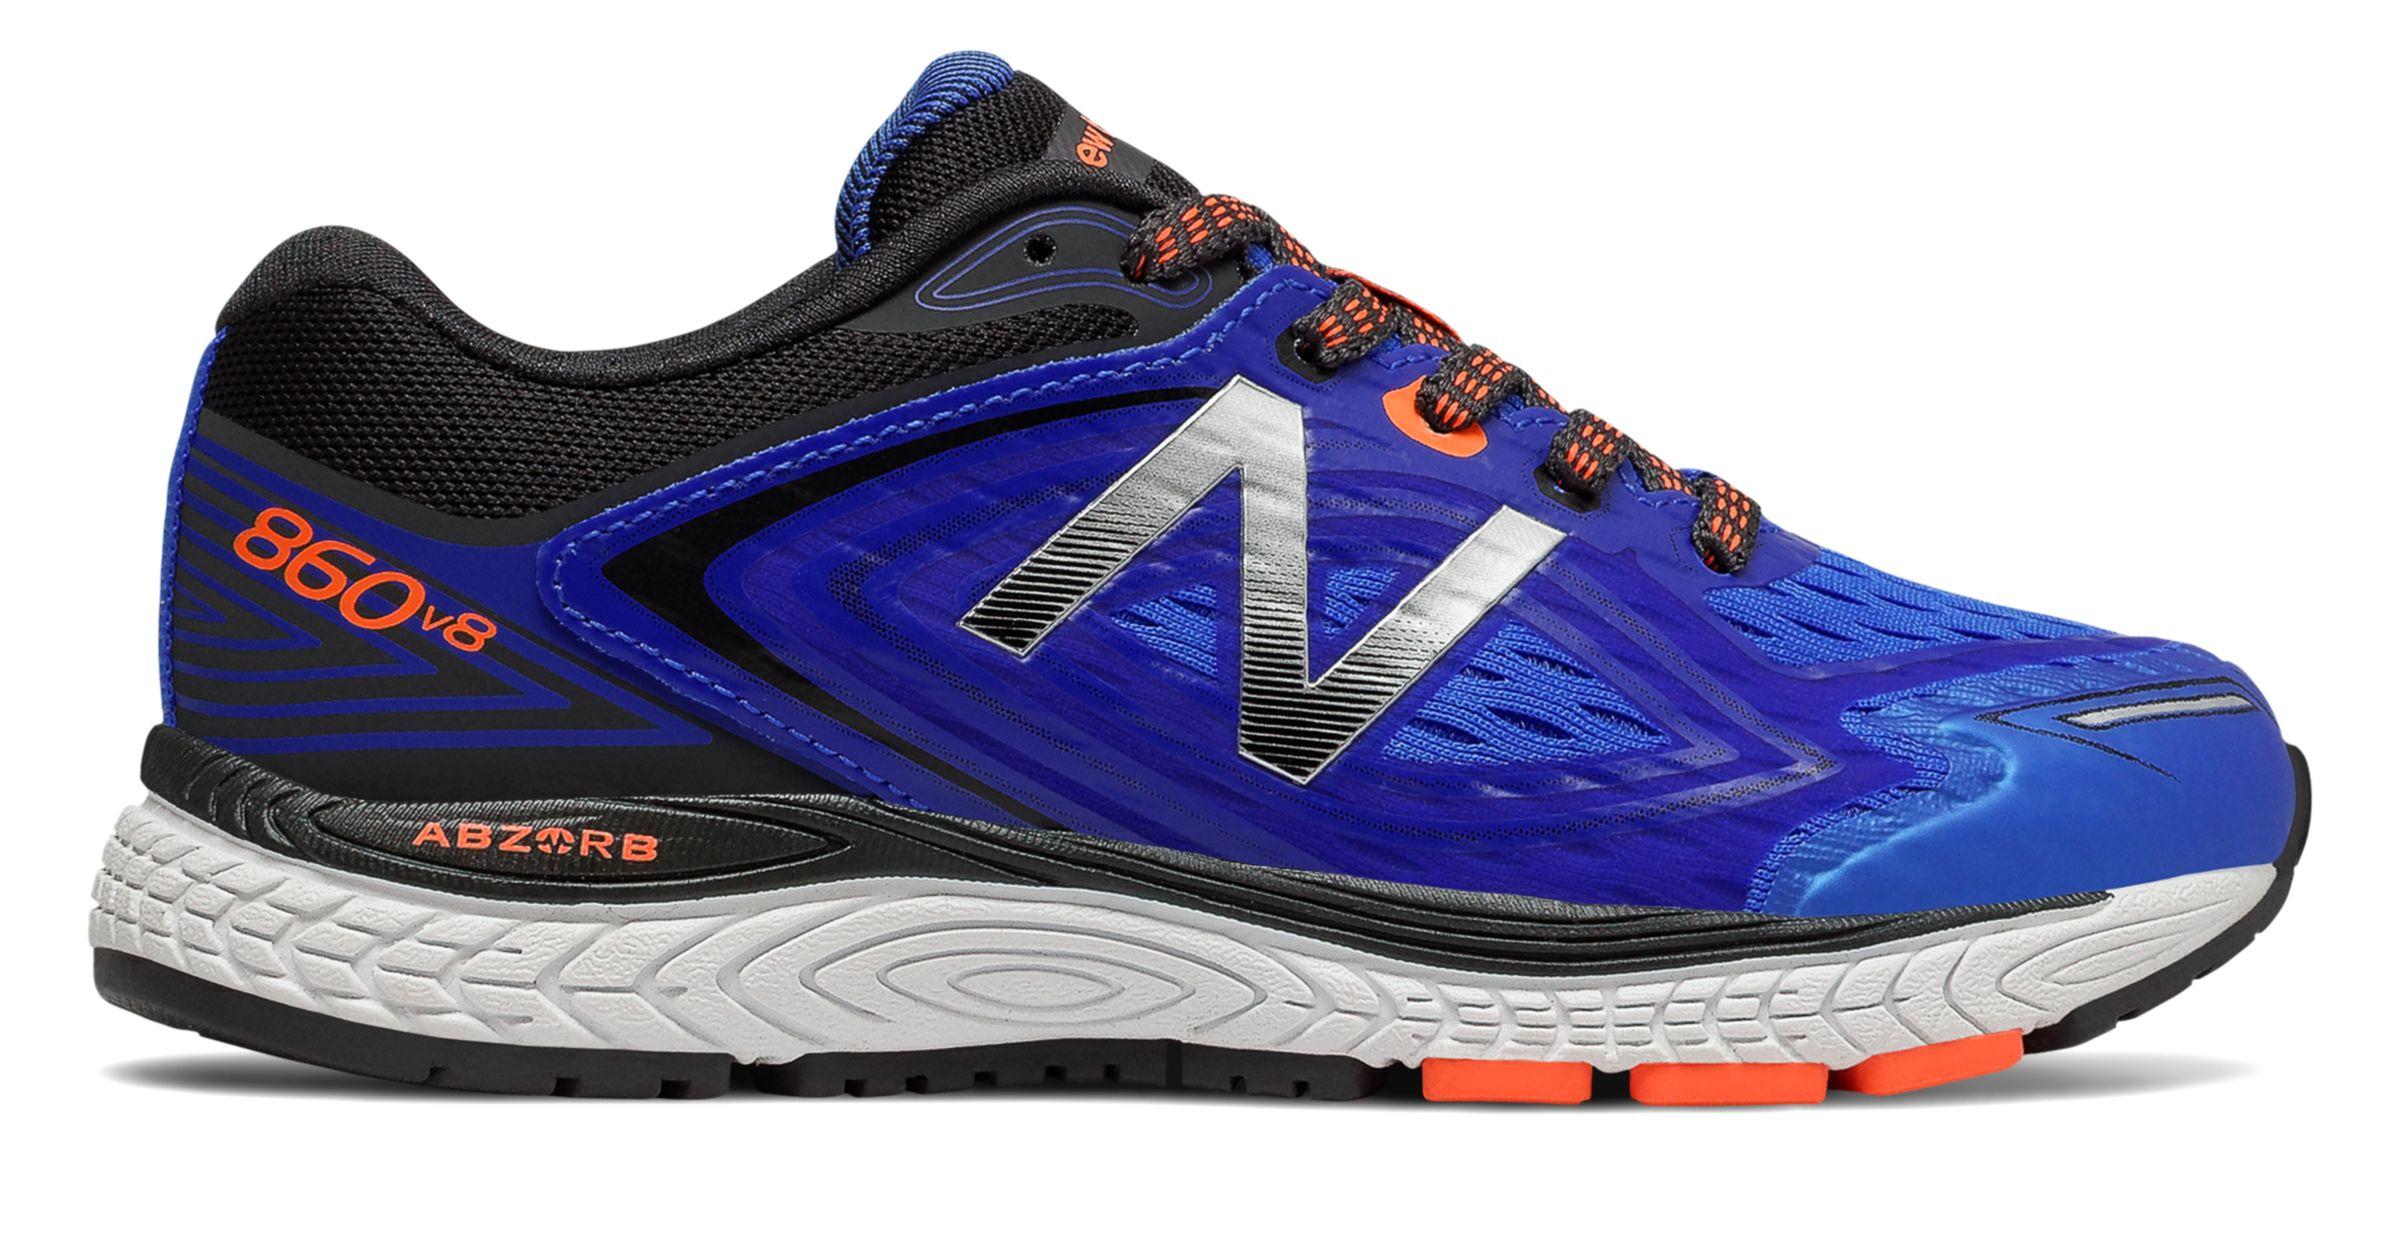 El Tamaño De Los Muchachos Zapatos Nuevos Equilibrio 4 owkaE13X3Y